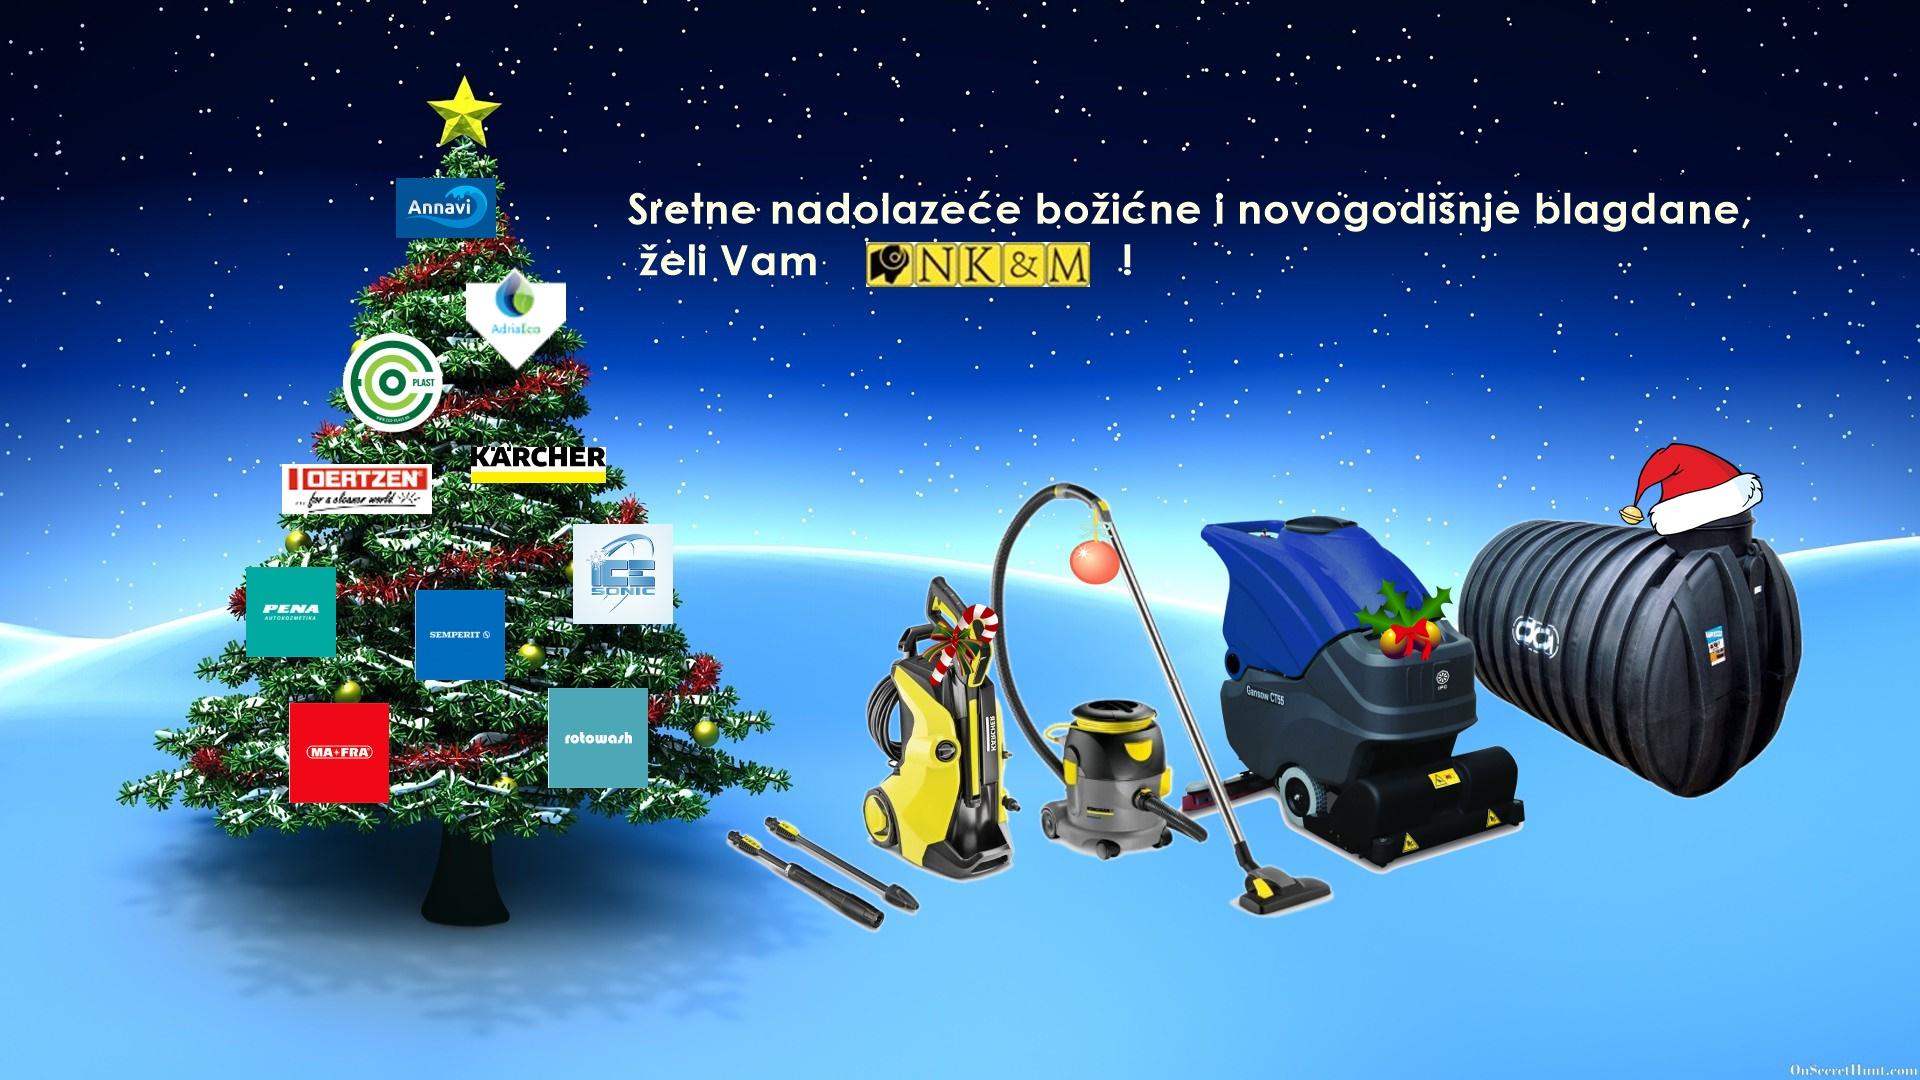 Sretni nadolazeći božićni i novogodišnji blagdani !!